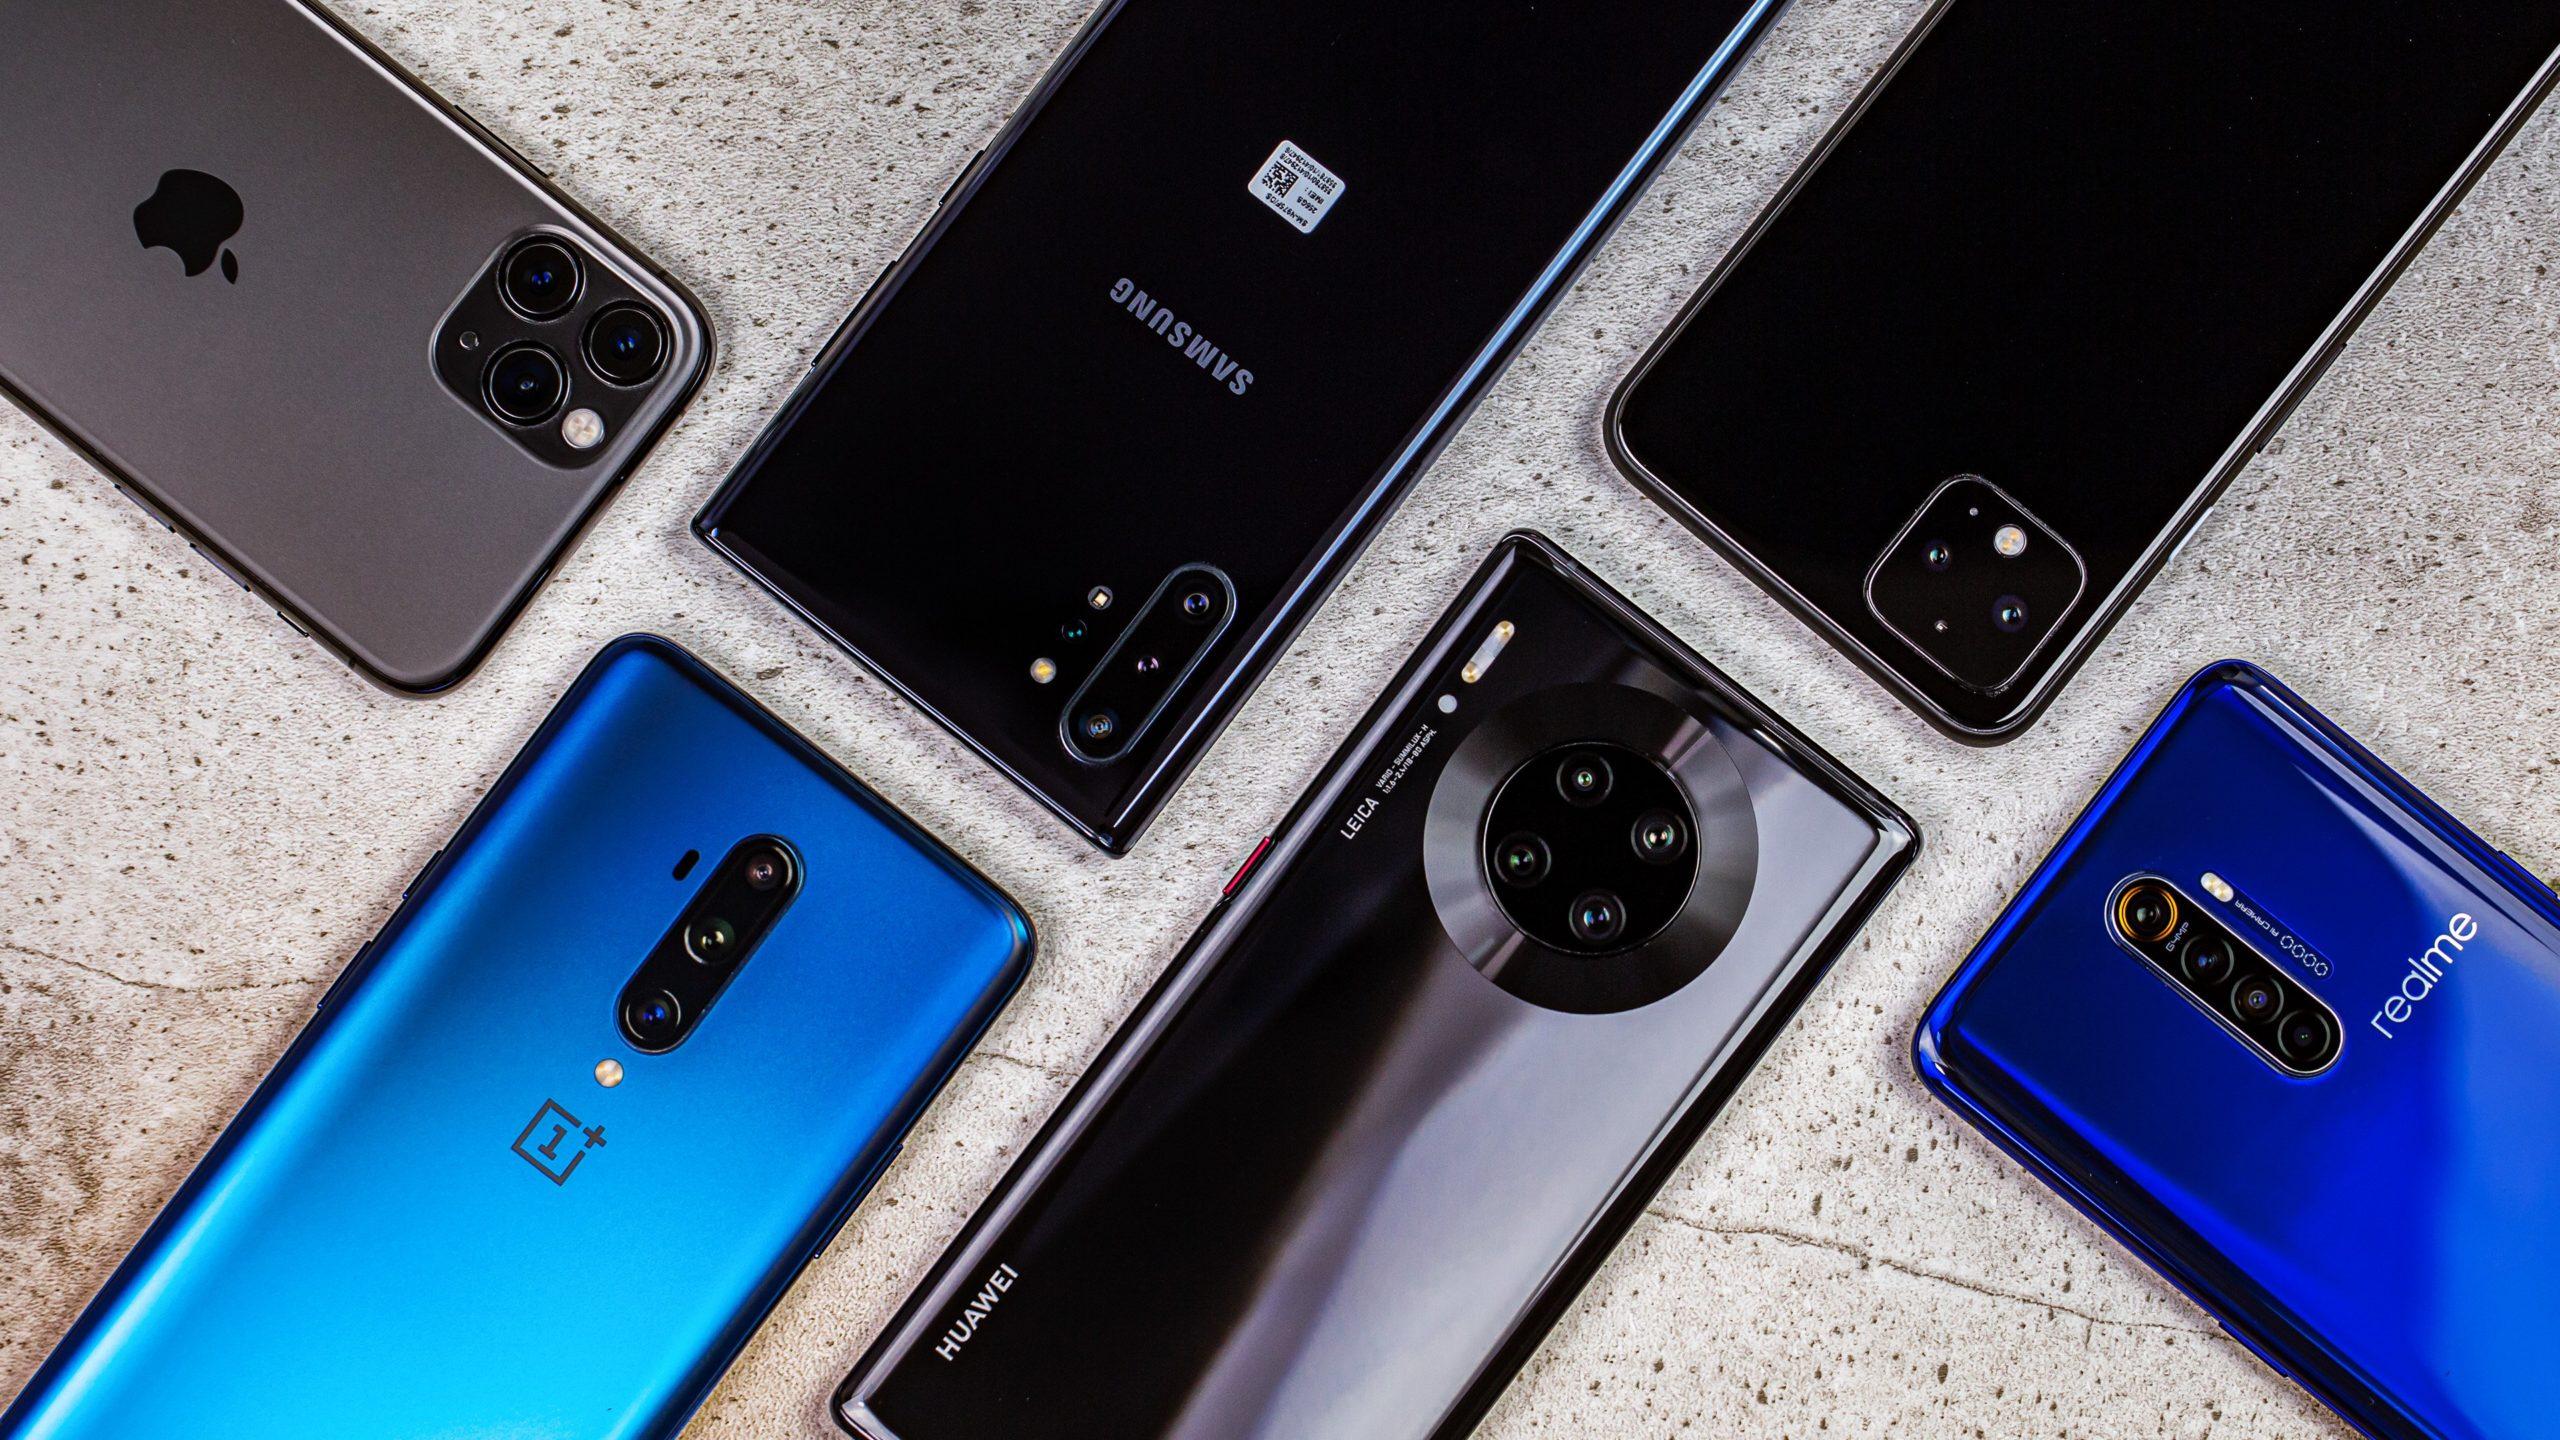 I nuovi smartphone più attesi del 2020